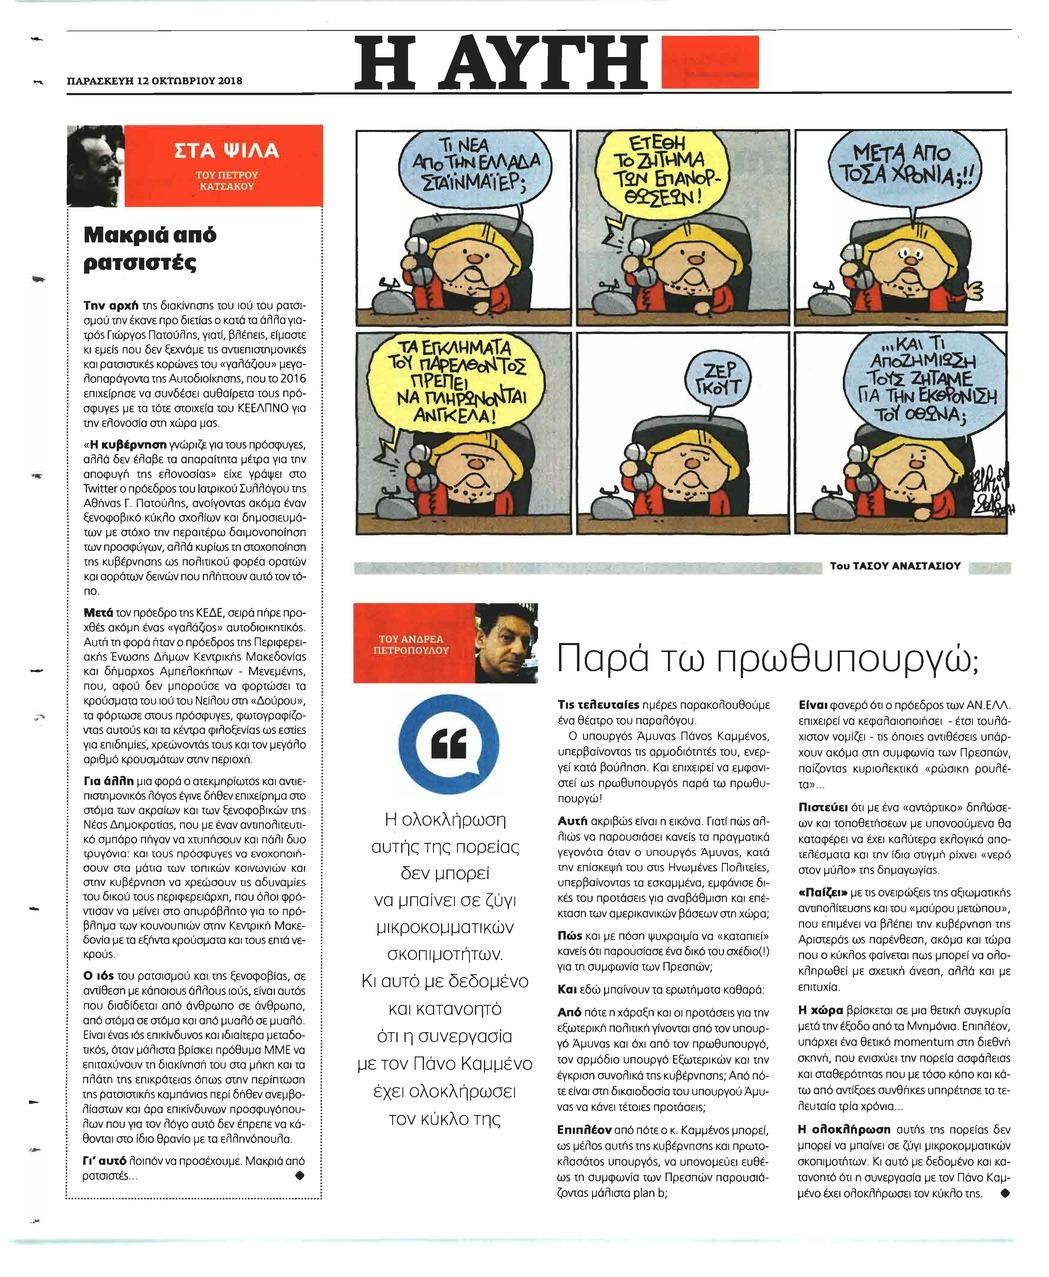 Οπισθόφυλλο εφημερίδας ��������